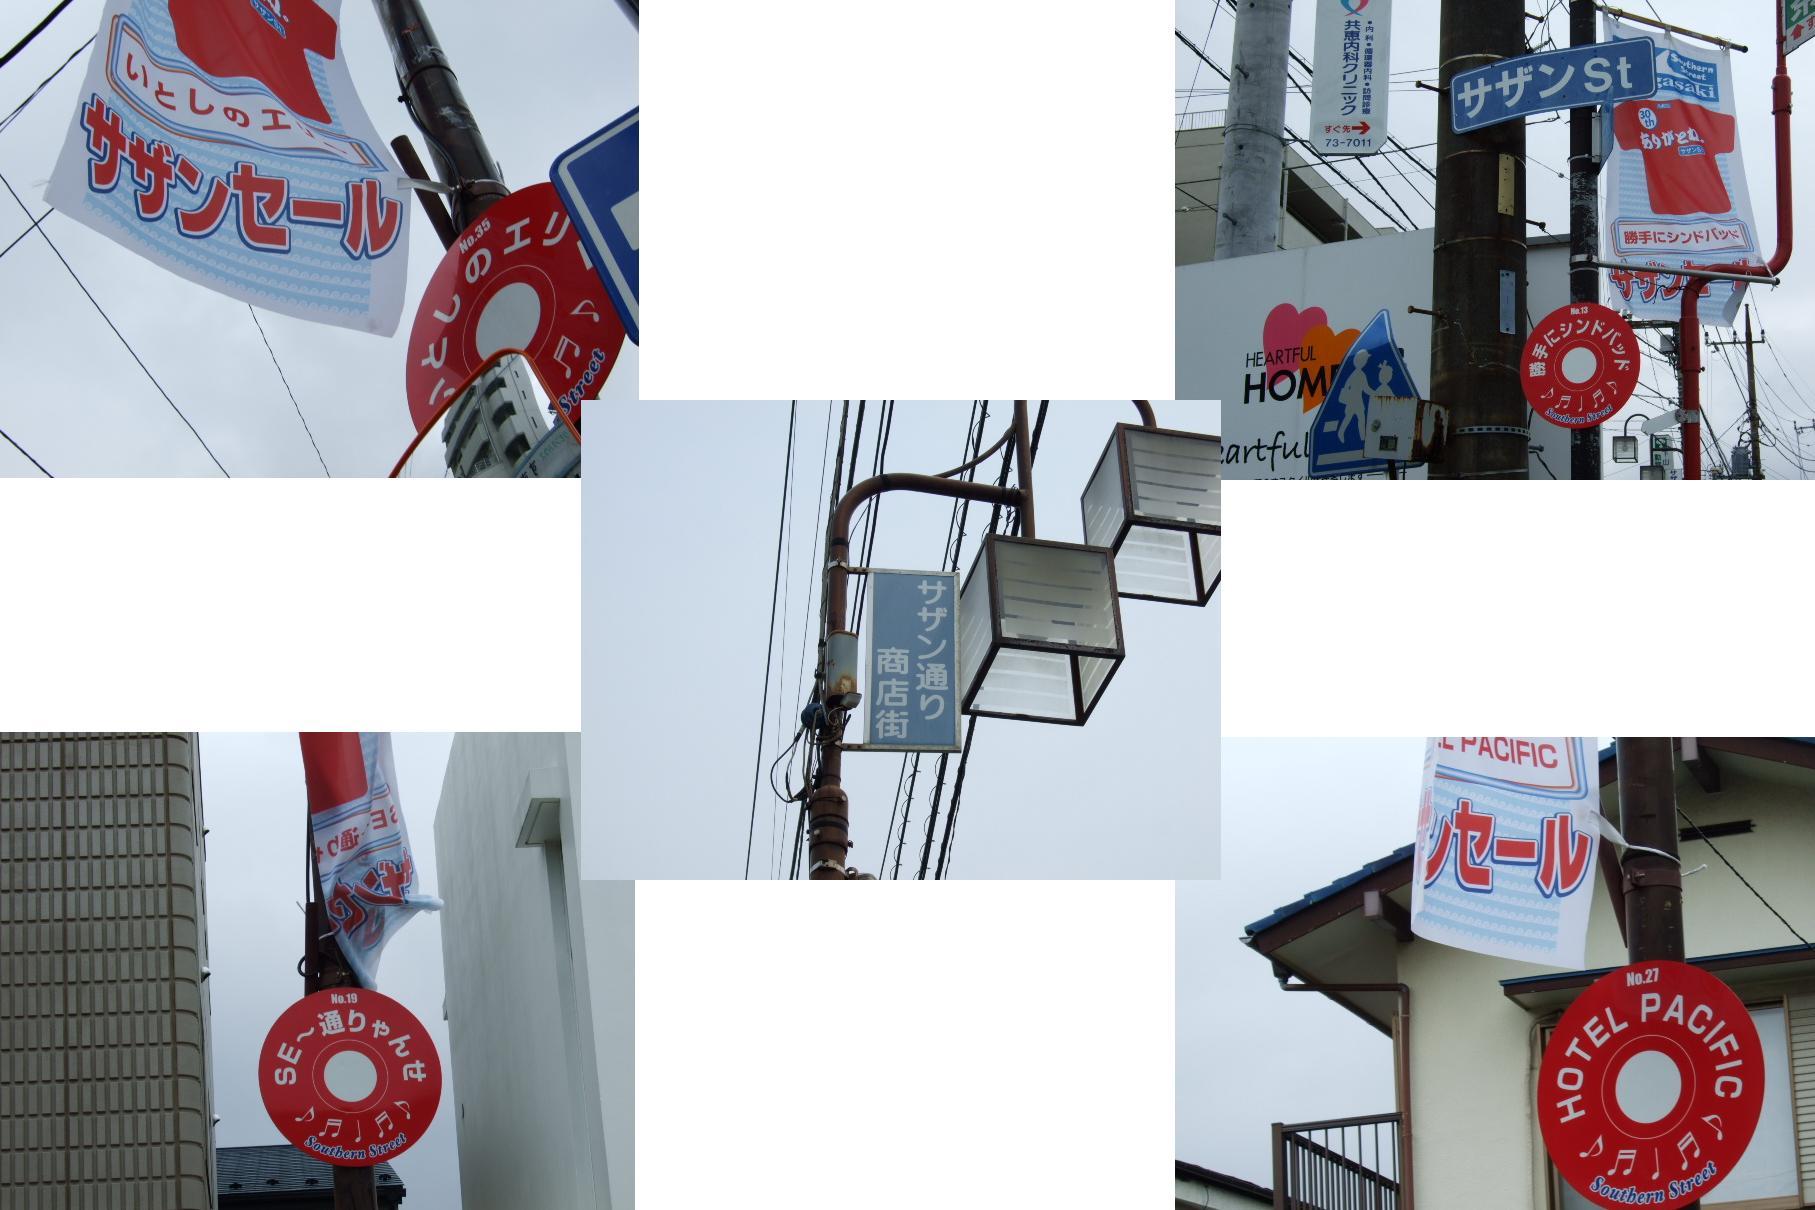 茅ケ崎サザン通りは、大盛況?_b0137932_18451419.jpg